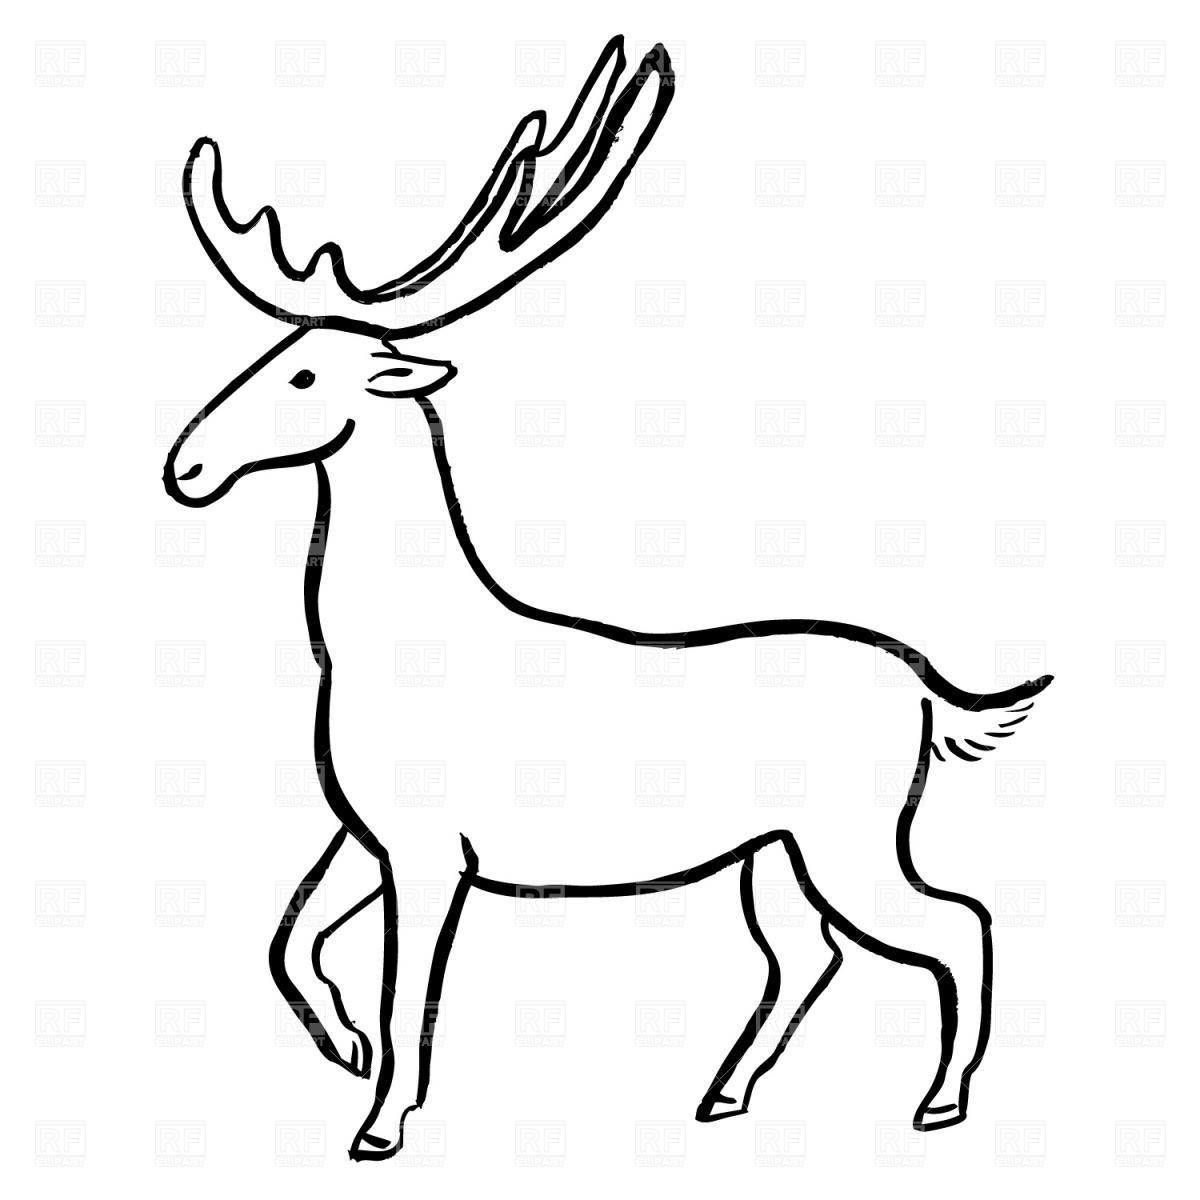 moose plants and animals clipart panda free clipart images rh clipartpanda com elk clip art black and white elk clip art pics